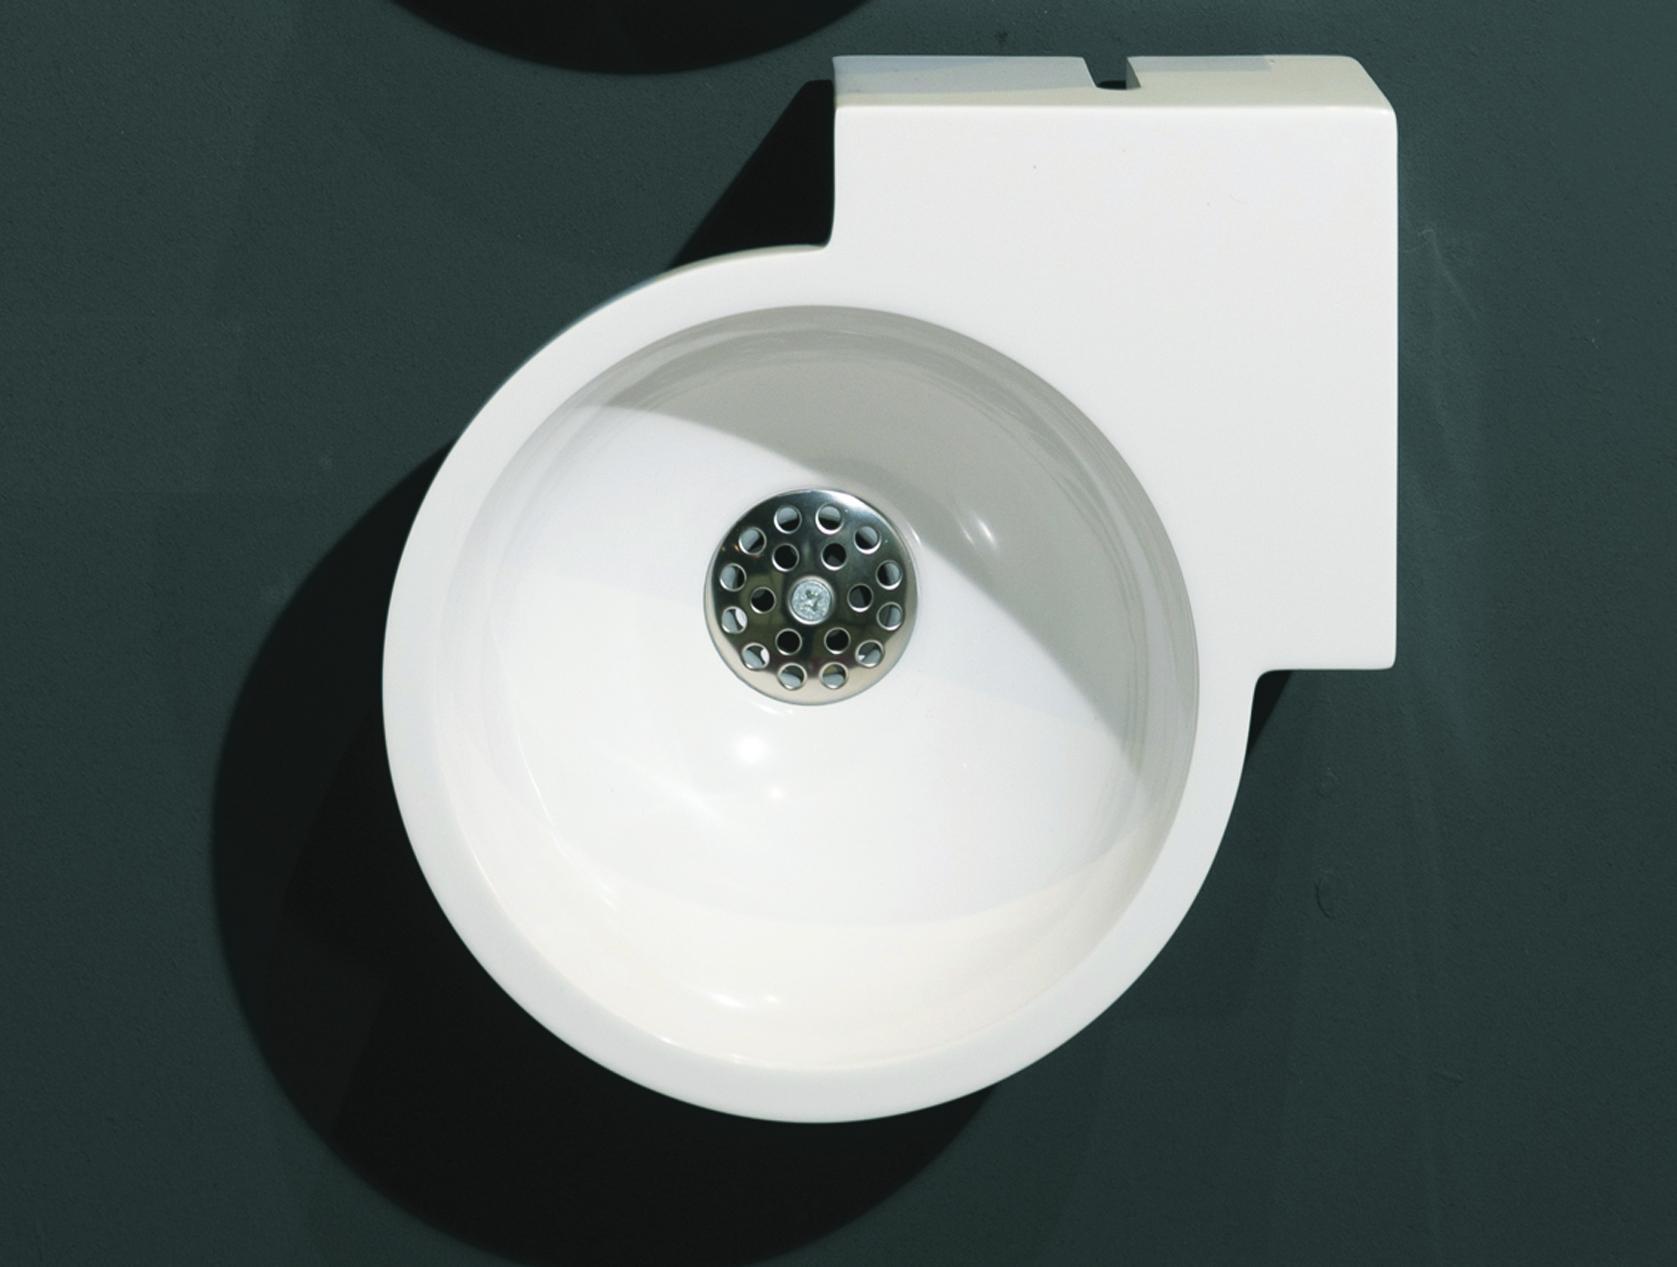 Luca Sanitair Luva hoek wandfontein van mineral stone 28 x 28 x 12 cm, glanzend wit